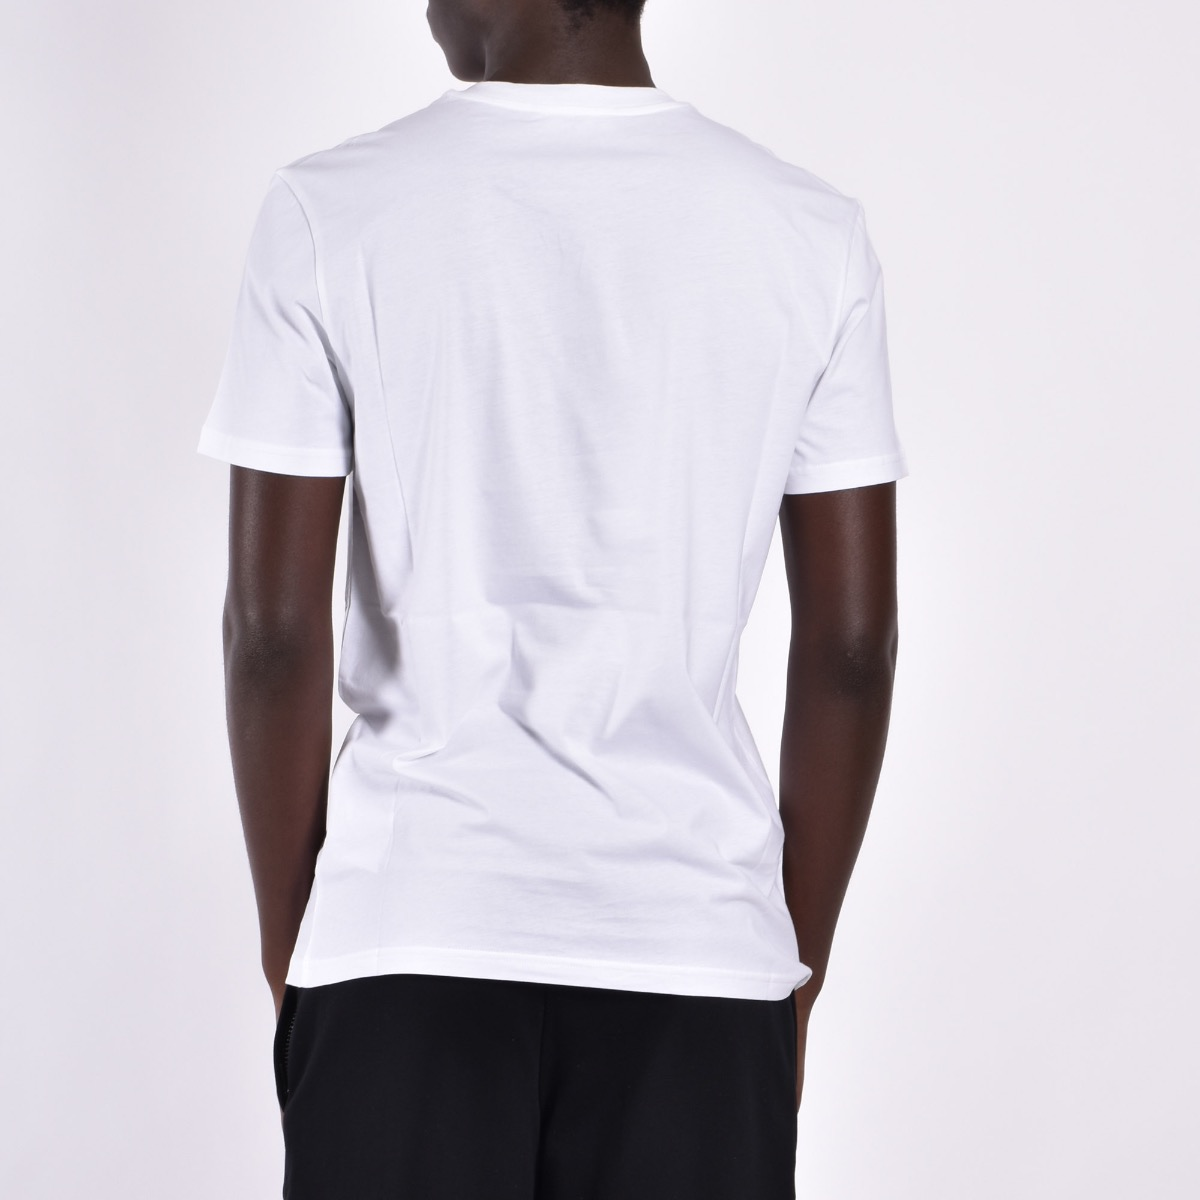 T-shirt couture - Bianco